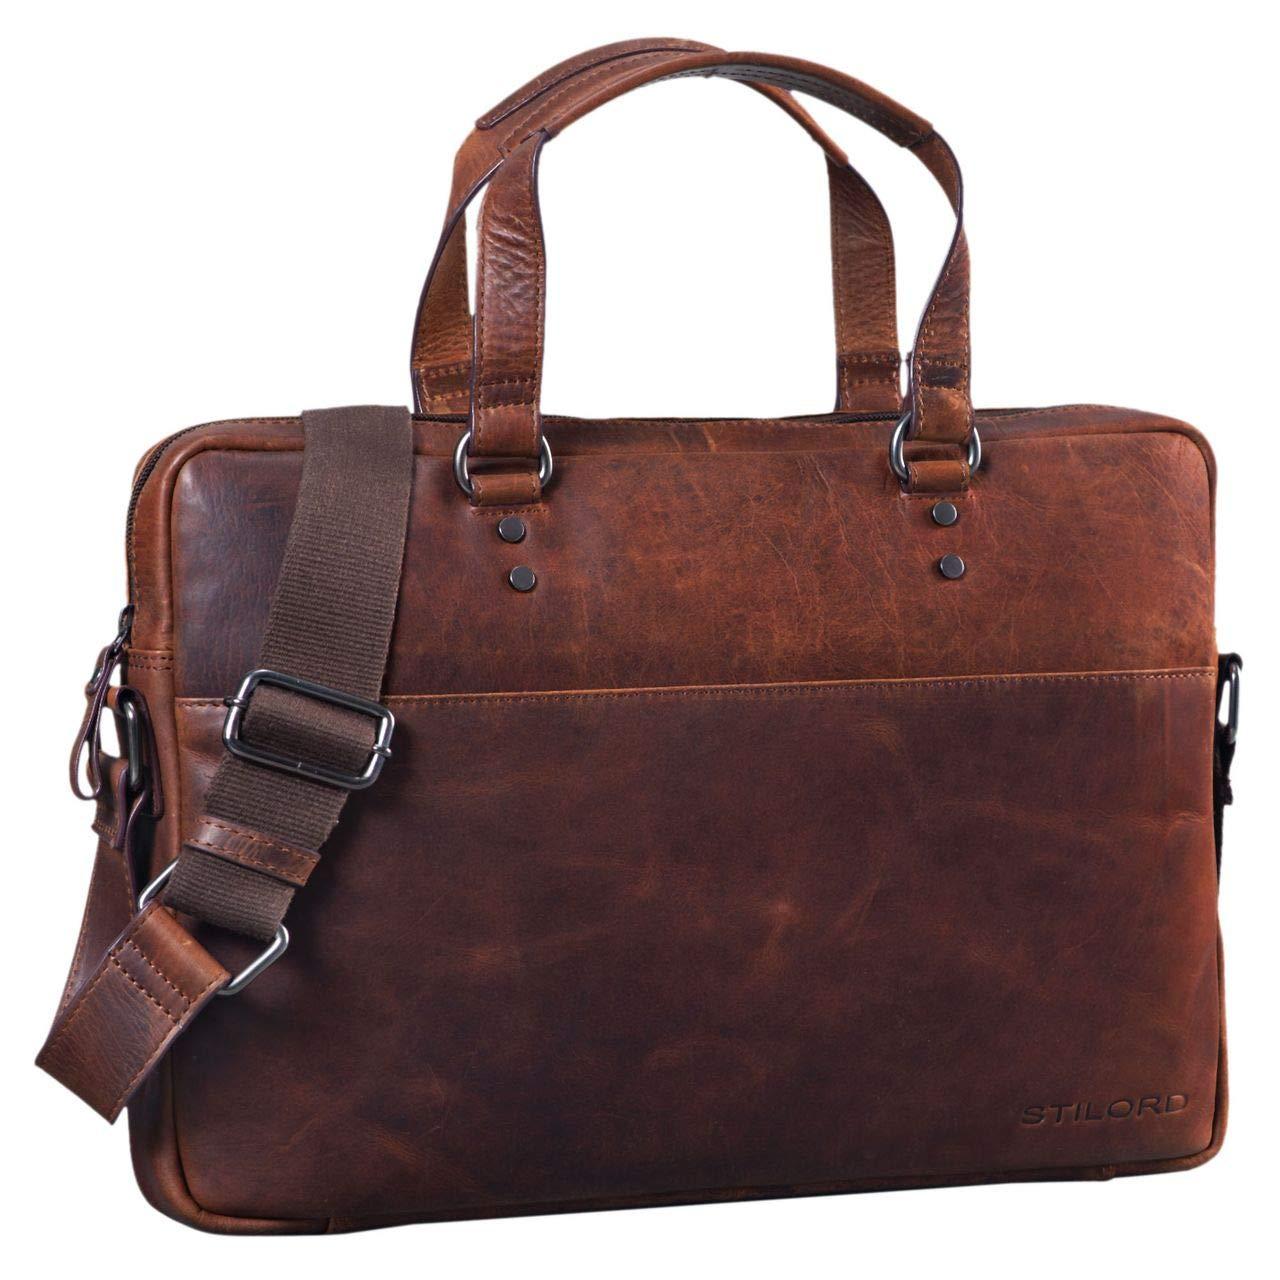 STILORD 'Cornelius' Leder Aktentasche 15.6 Zoll Laptop-Fach Vintage Umhängetasche für Büro Business Arbeit große Herren Ledertasche Echtleder, Farbe:Messina - braun